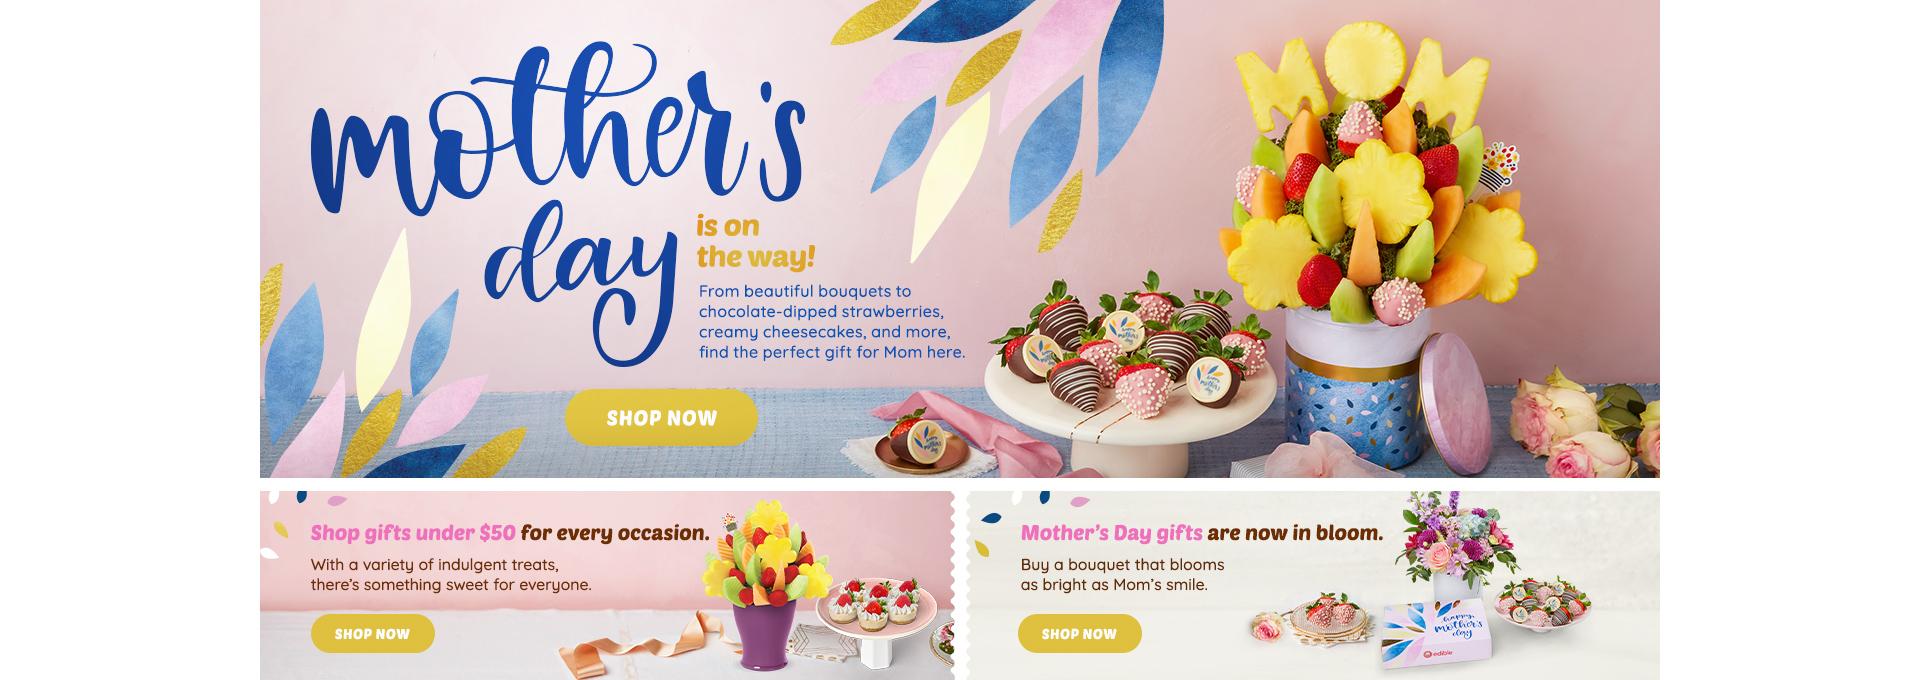 desktop Mother's Day